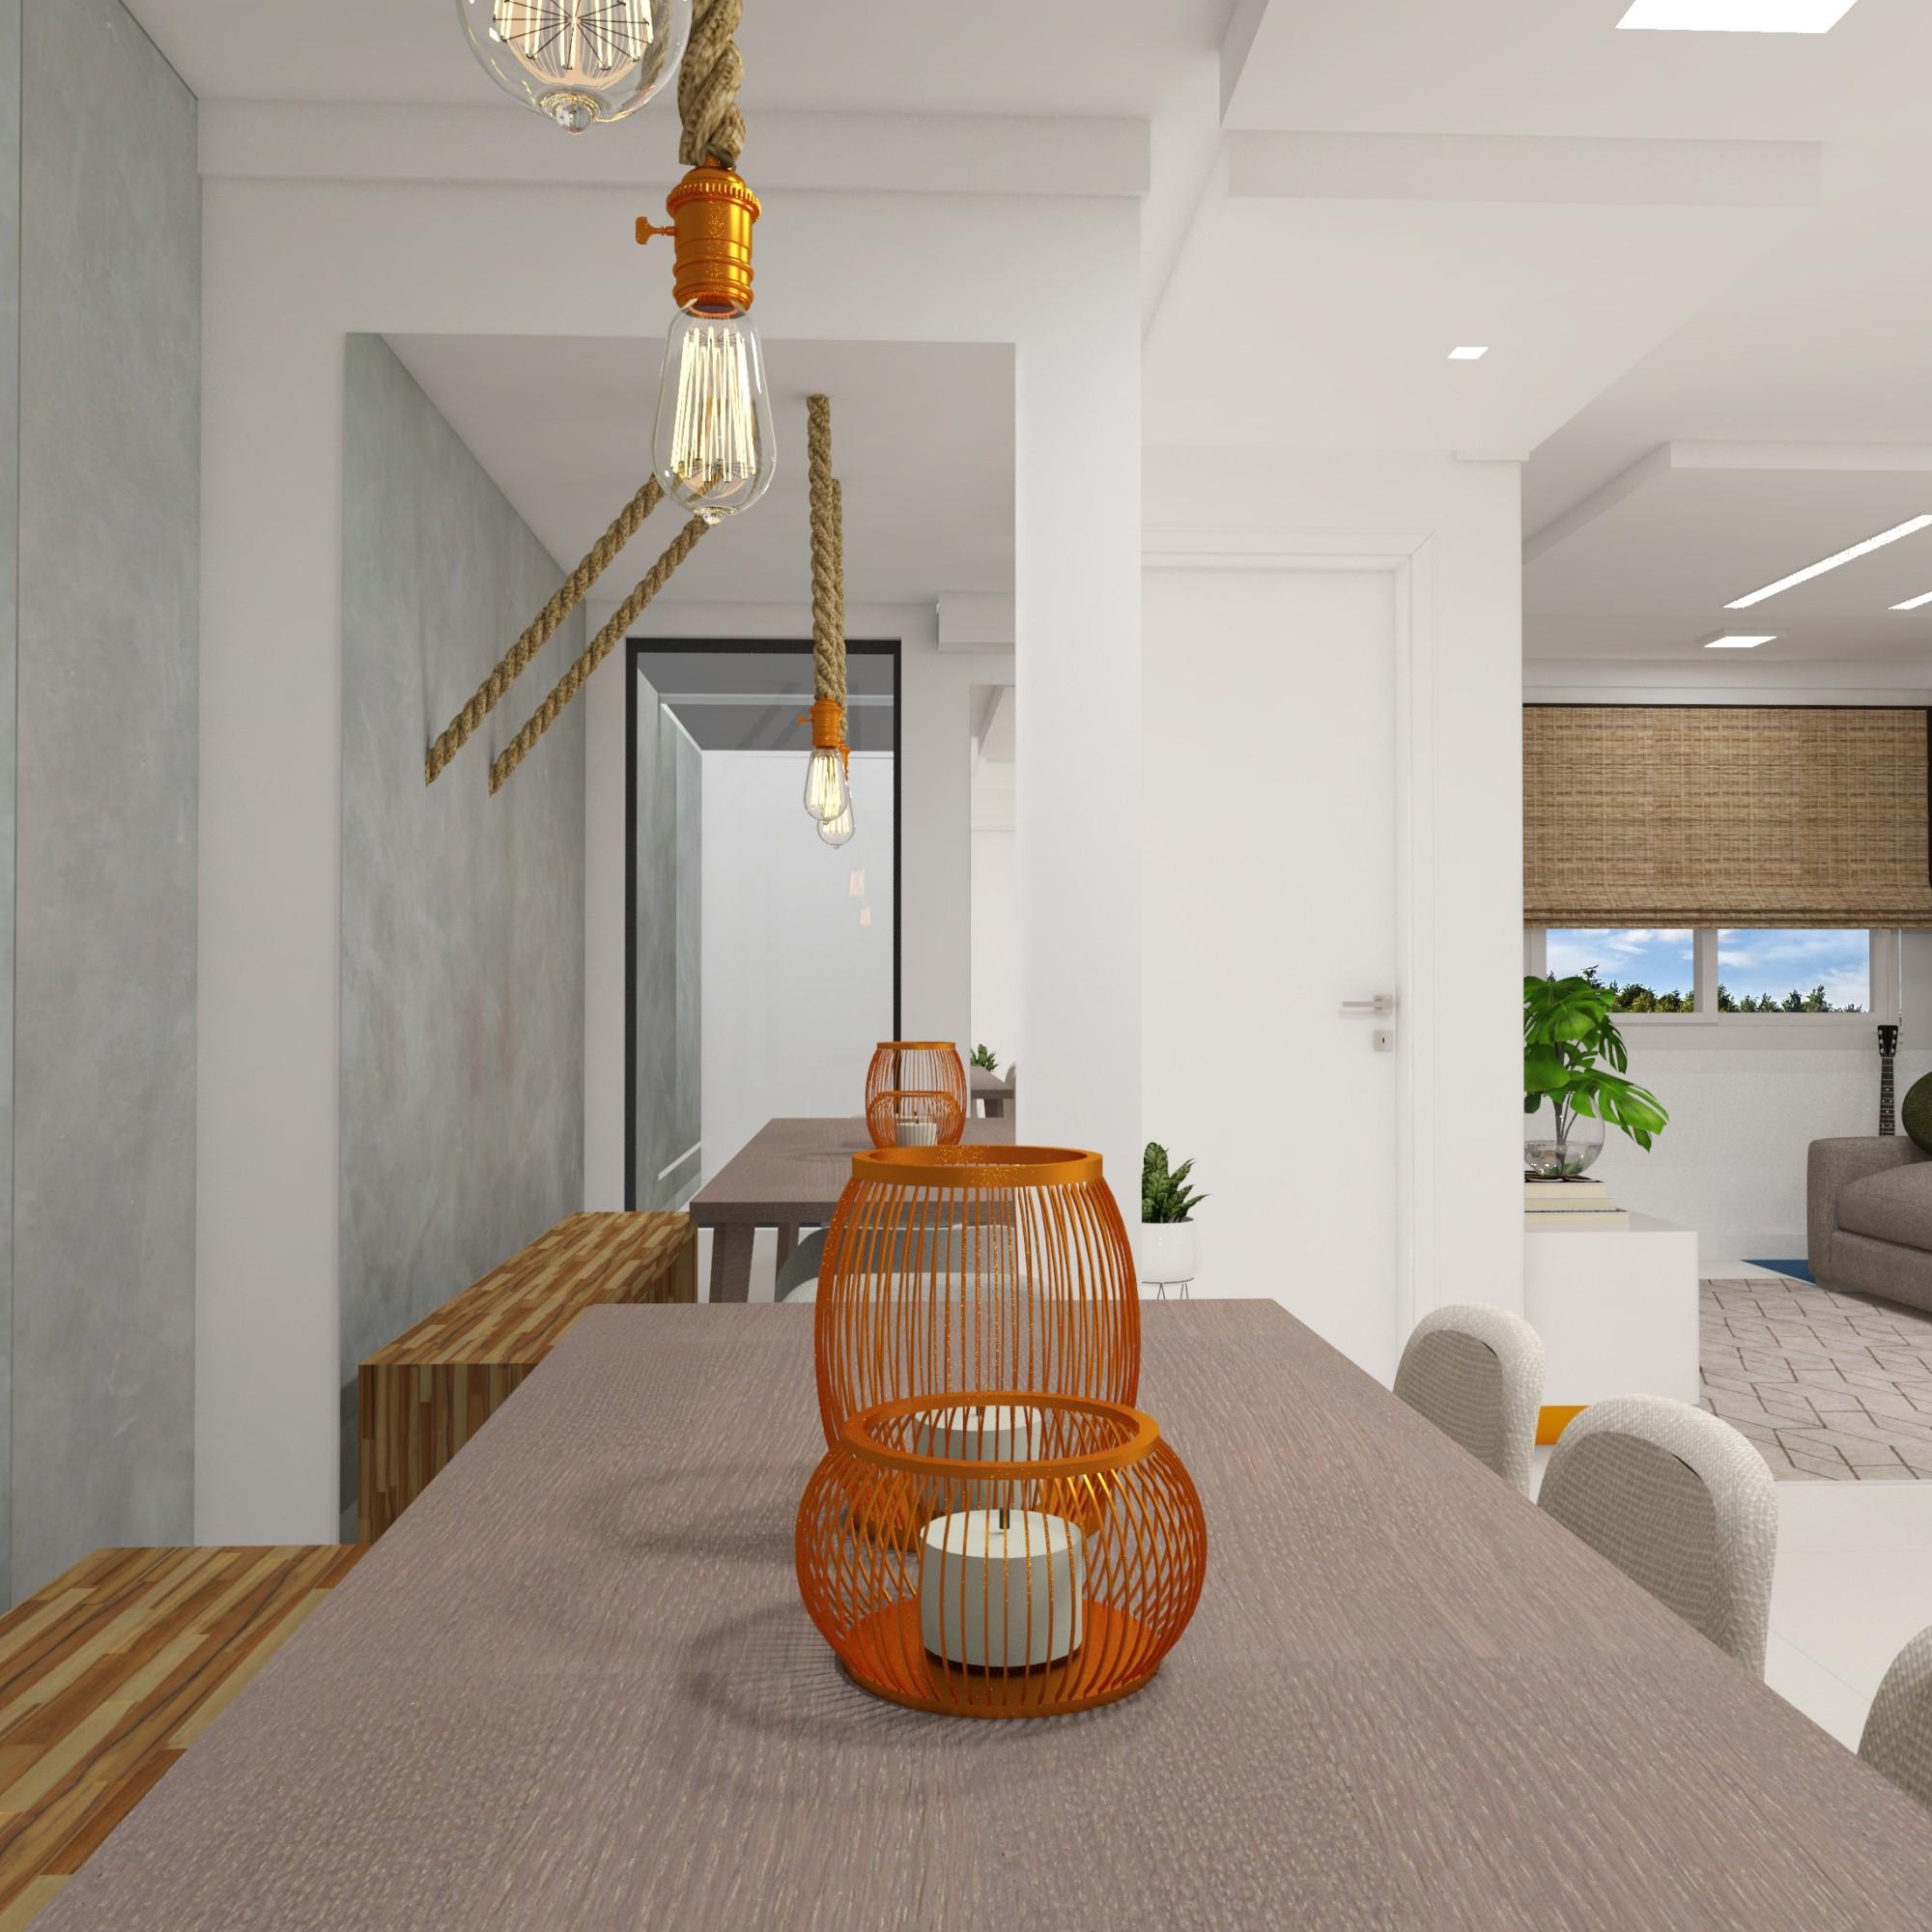 Sala de estar contemporânea desenvolvida pelo estúdio Murilo Zadulski Interiores - Designer de interiores em Curitiba - Projetos e consultoria img015